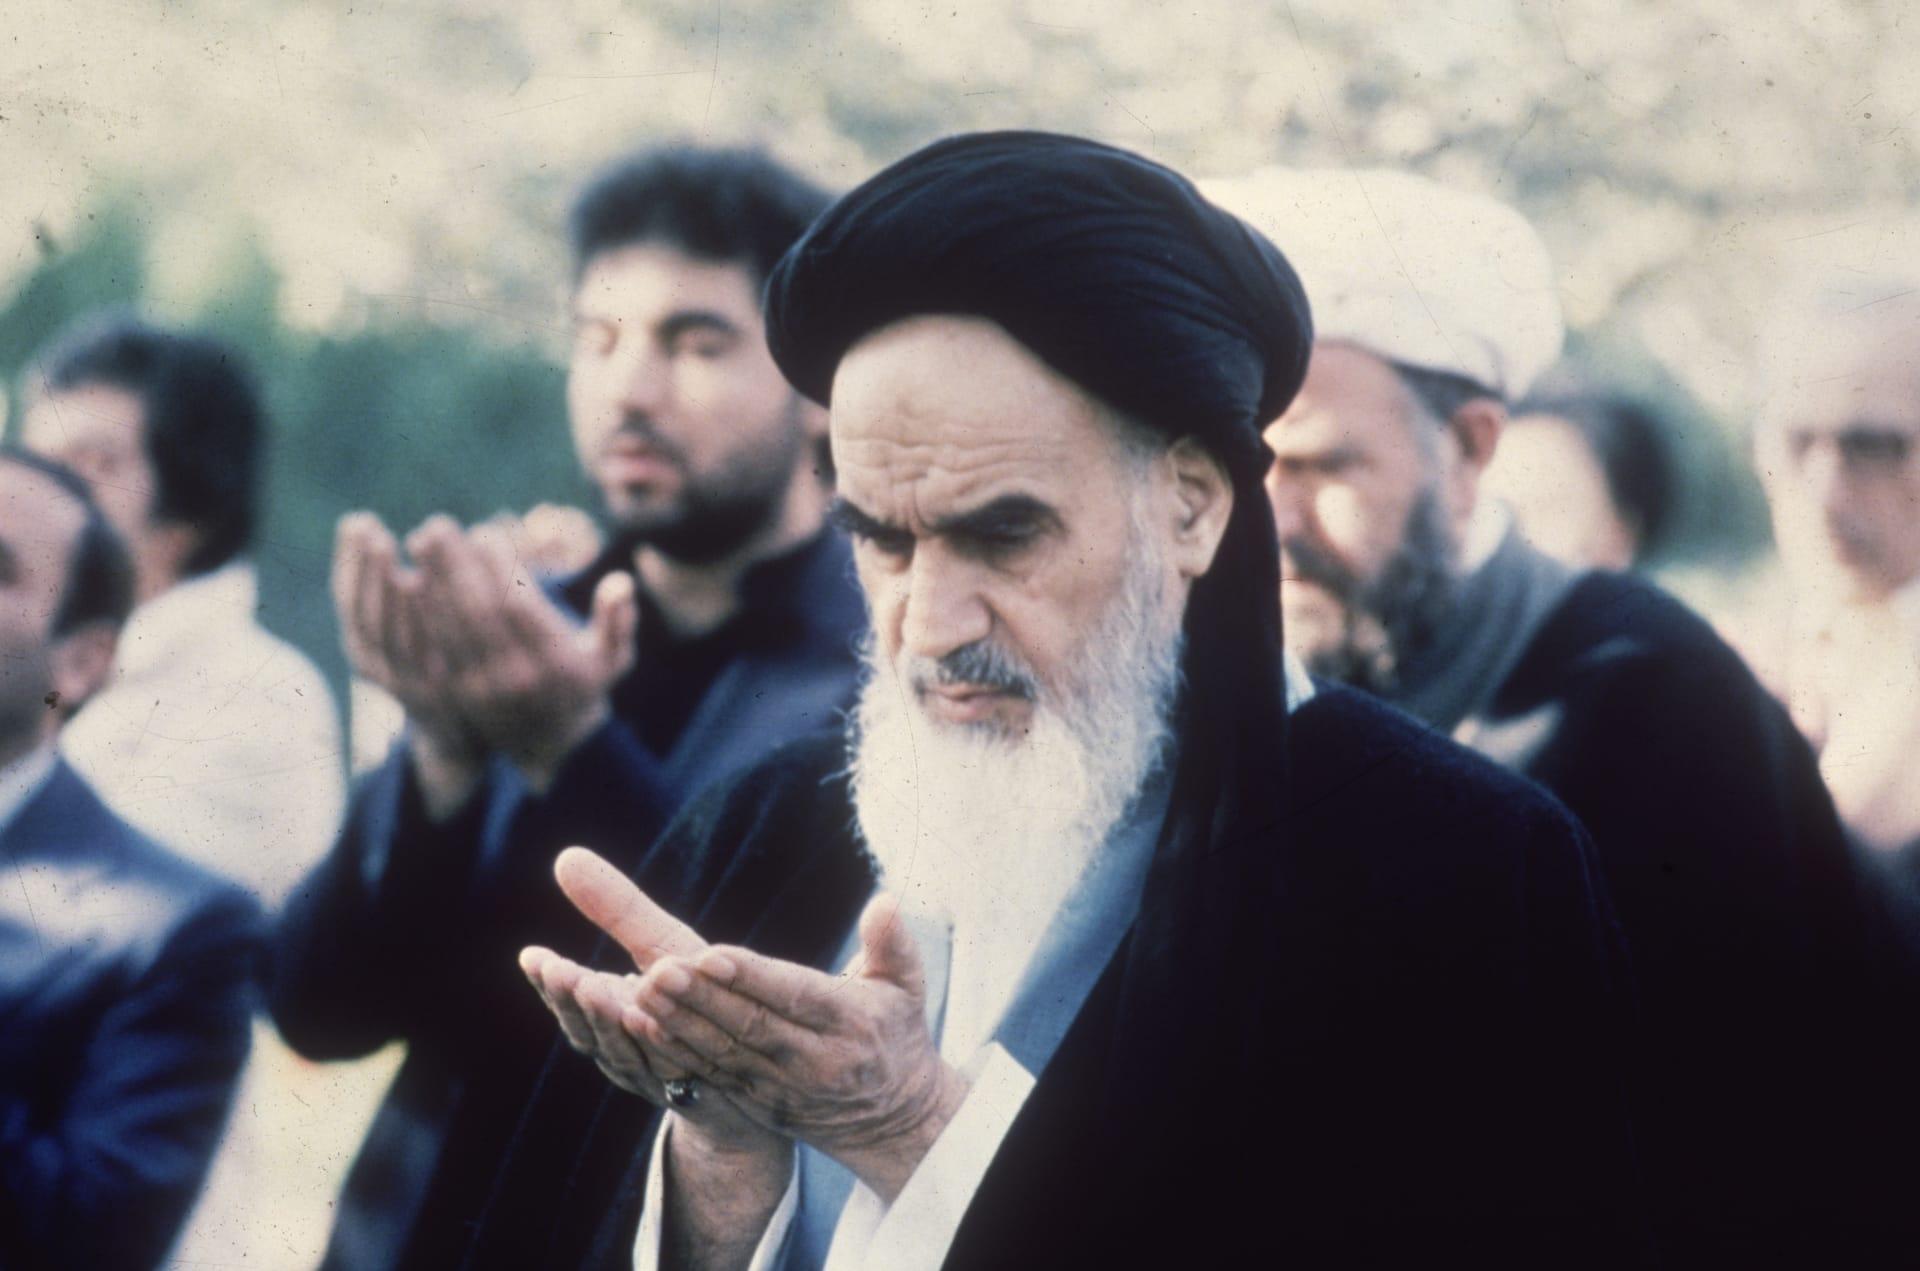 حفيد الخميني: دعم النظام الإسلامي وقائد الثورة يصب بمصلحة الشعب